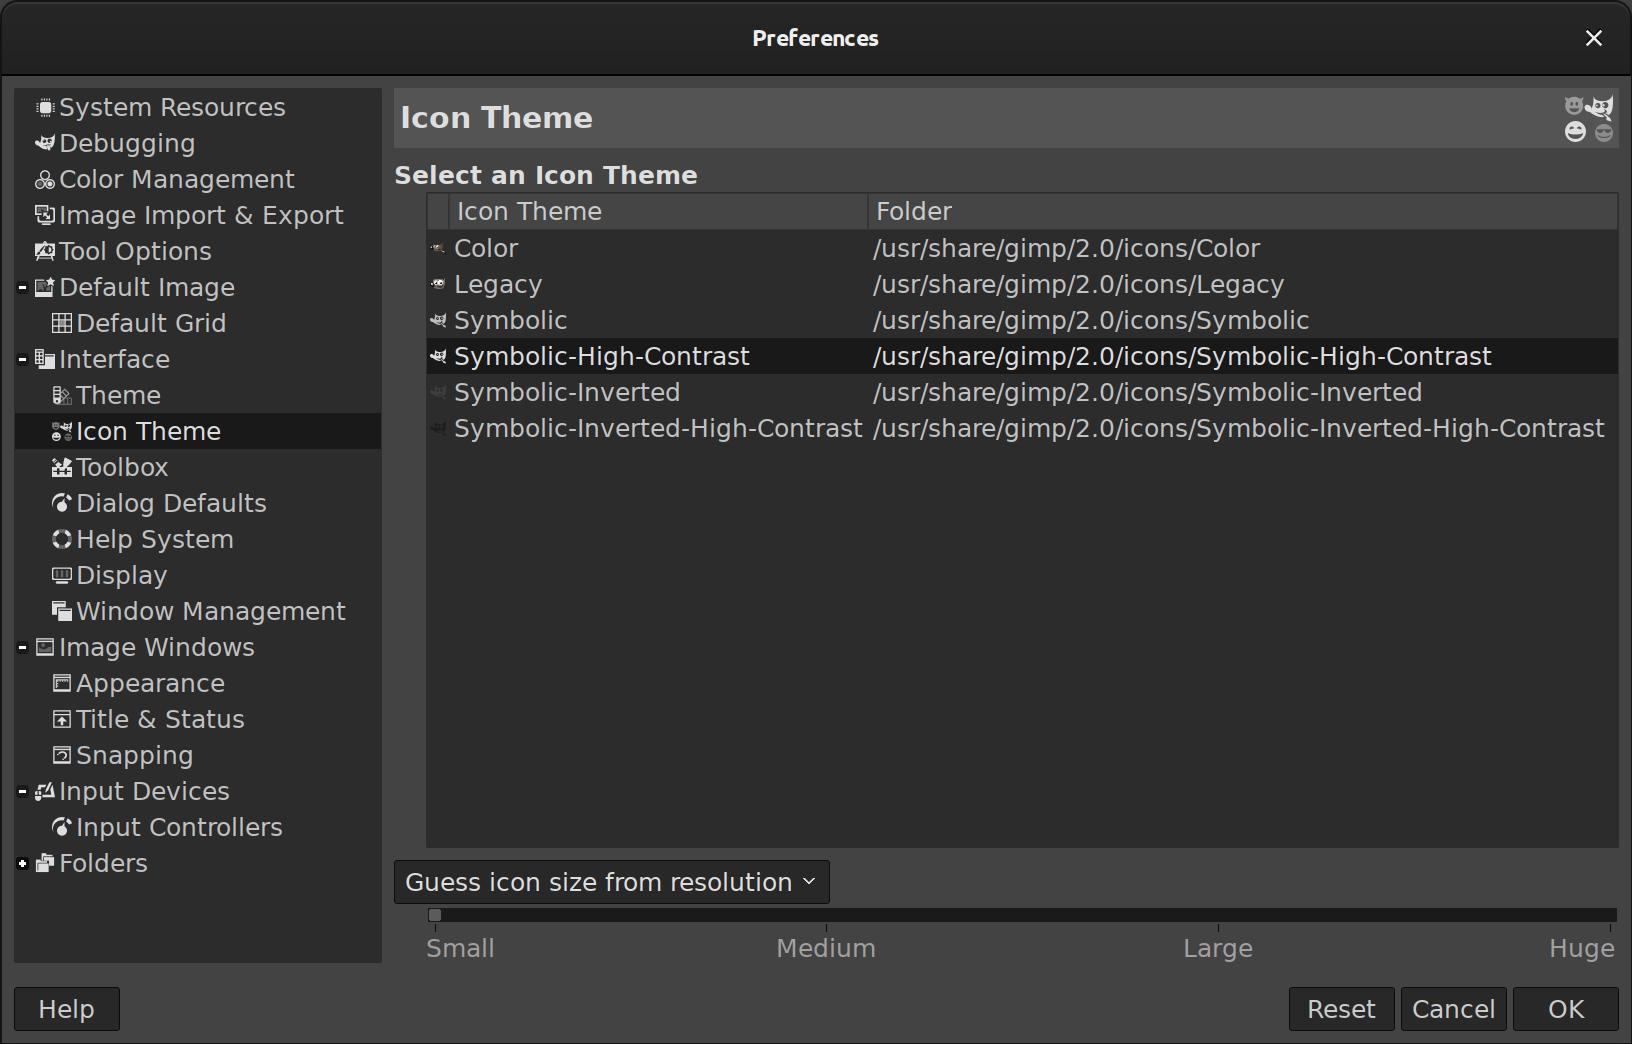 nuevo tema de iconos de alto contraste simbólico de GIMP 2.10.18